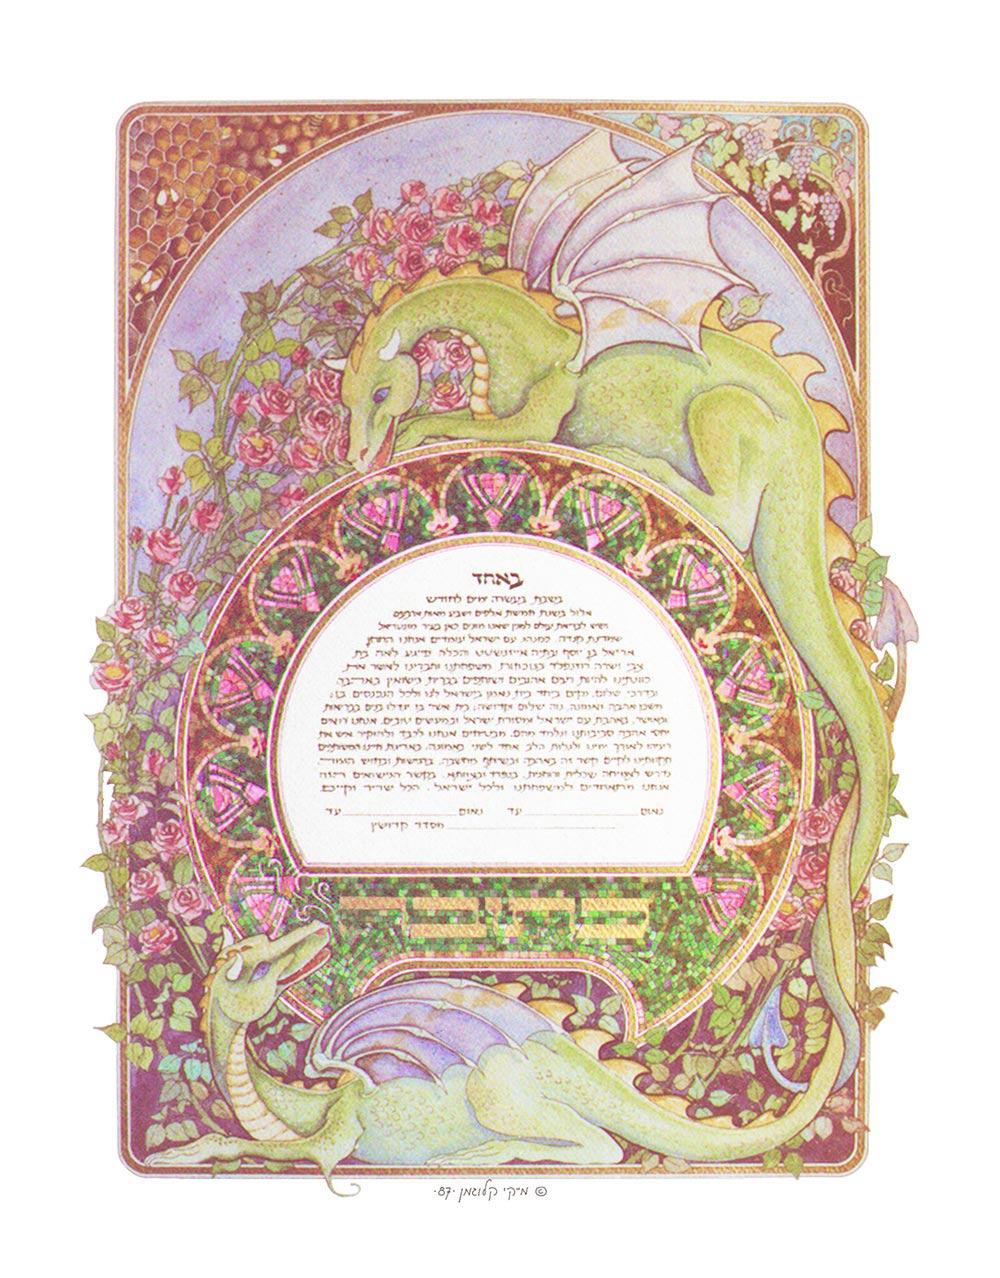 Unique Ketubah with Love Dragons